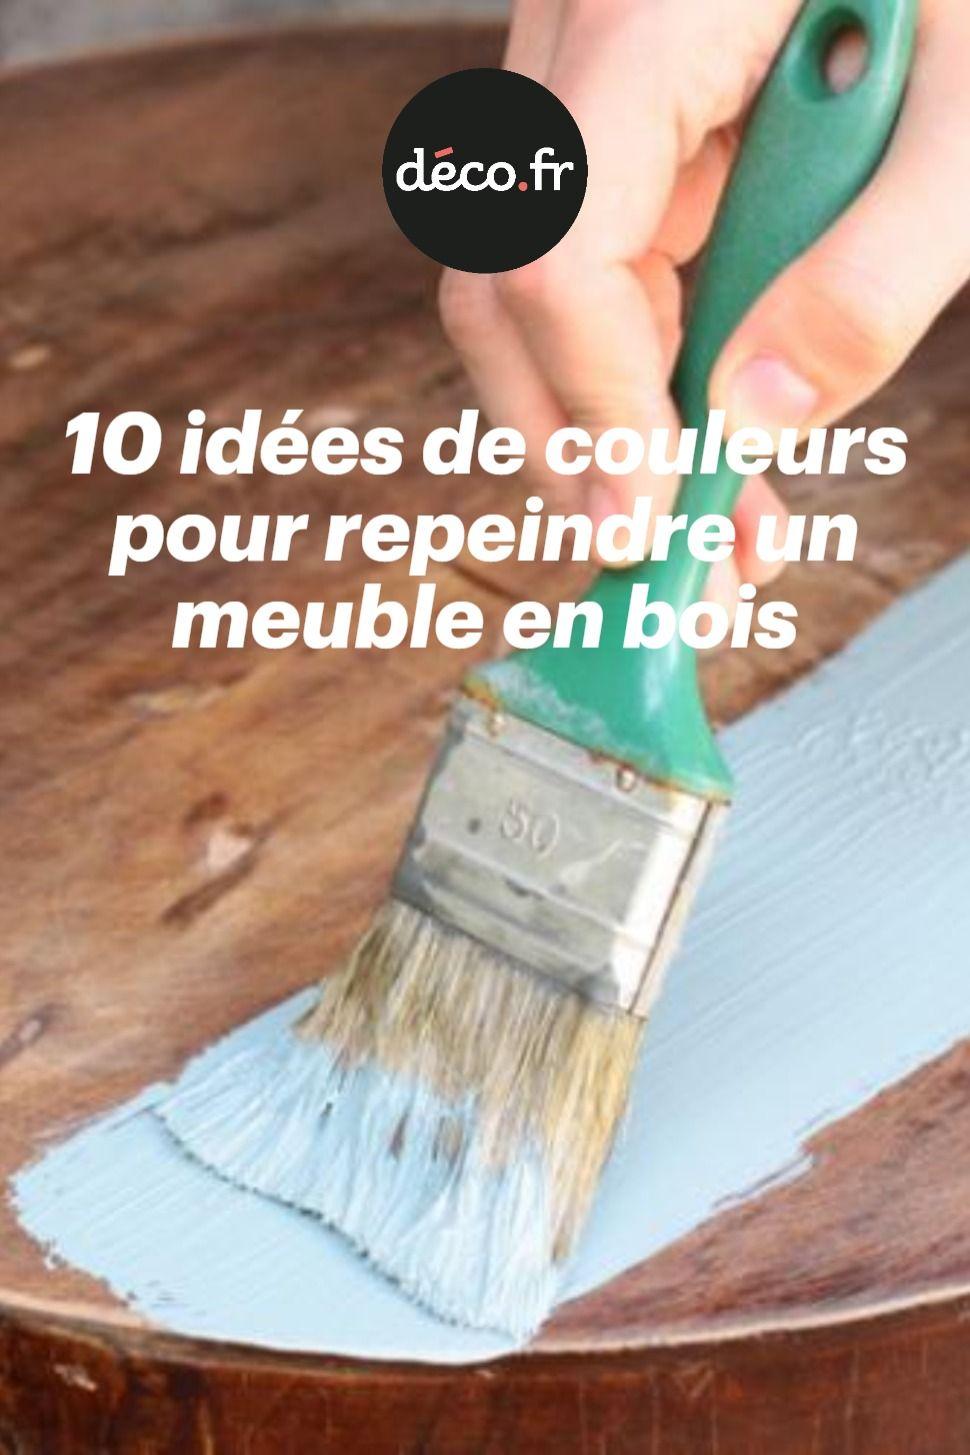 10 Idees De Couleurs Pour Repeindre Un Meuble En Bois Repeindre Un Meuble En Bois Repeindre Meuble Peindre Meuble Bois